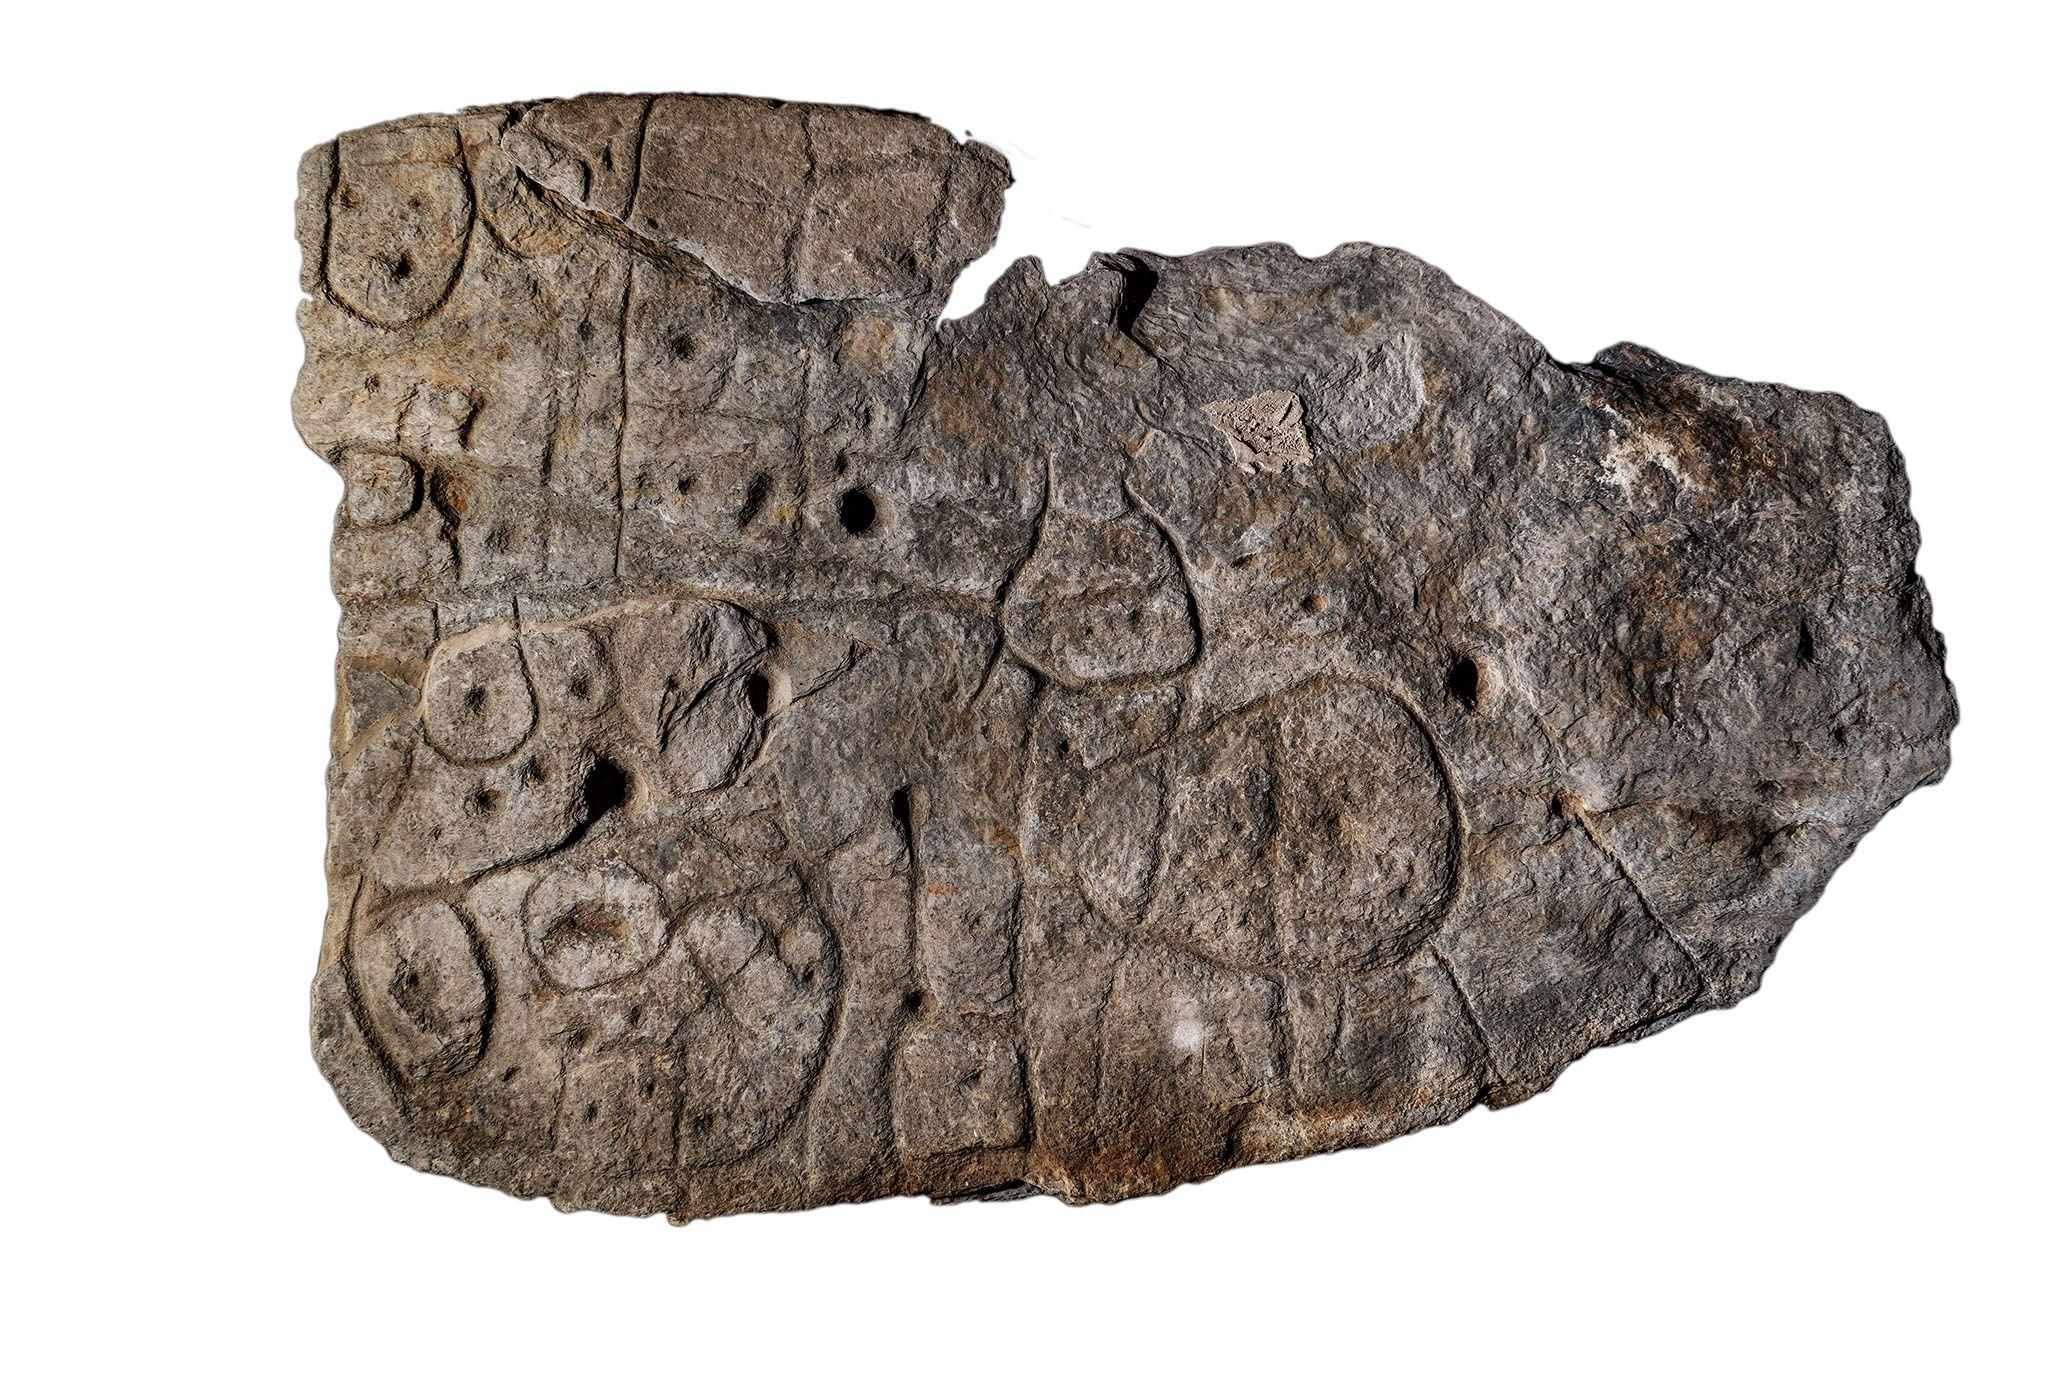 Une dalle de l'âge de bronze trouvée en Bretagne se révèle être la plus ancienne carte d'Europe.